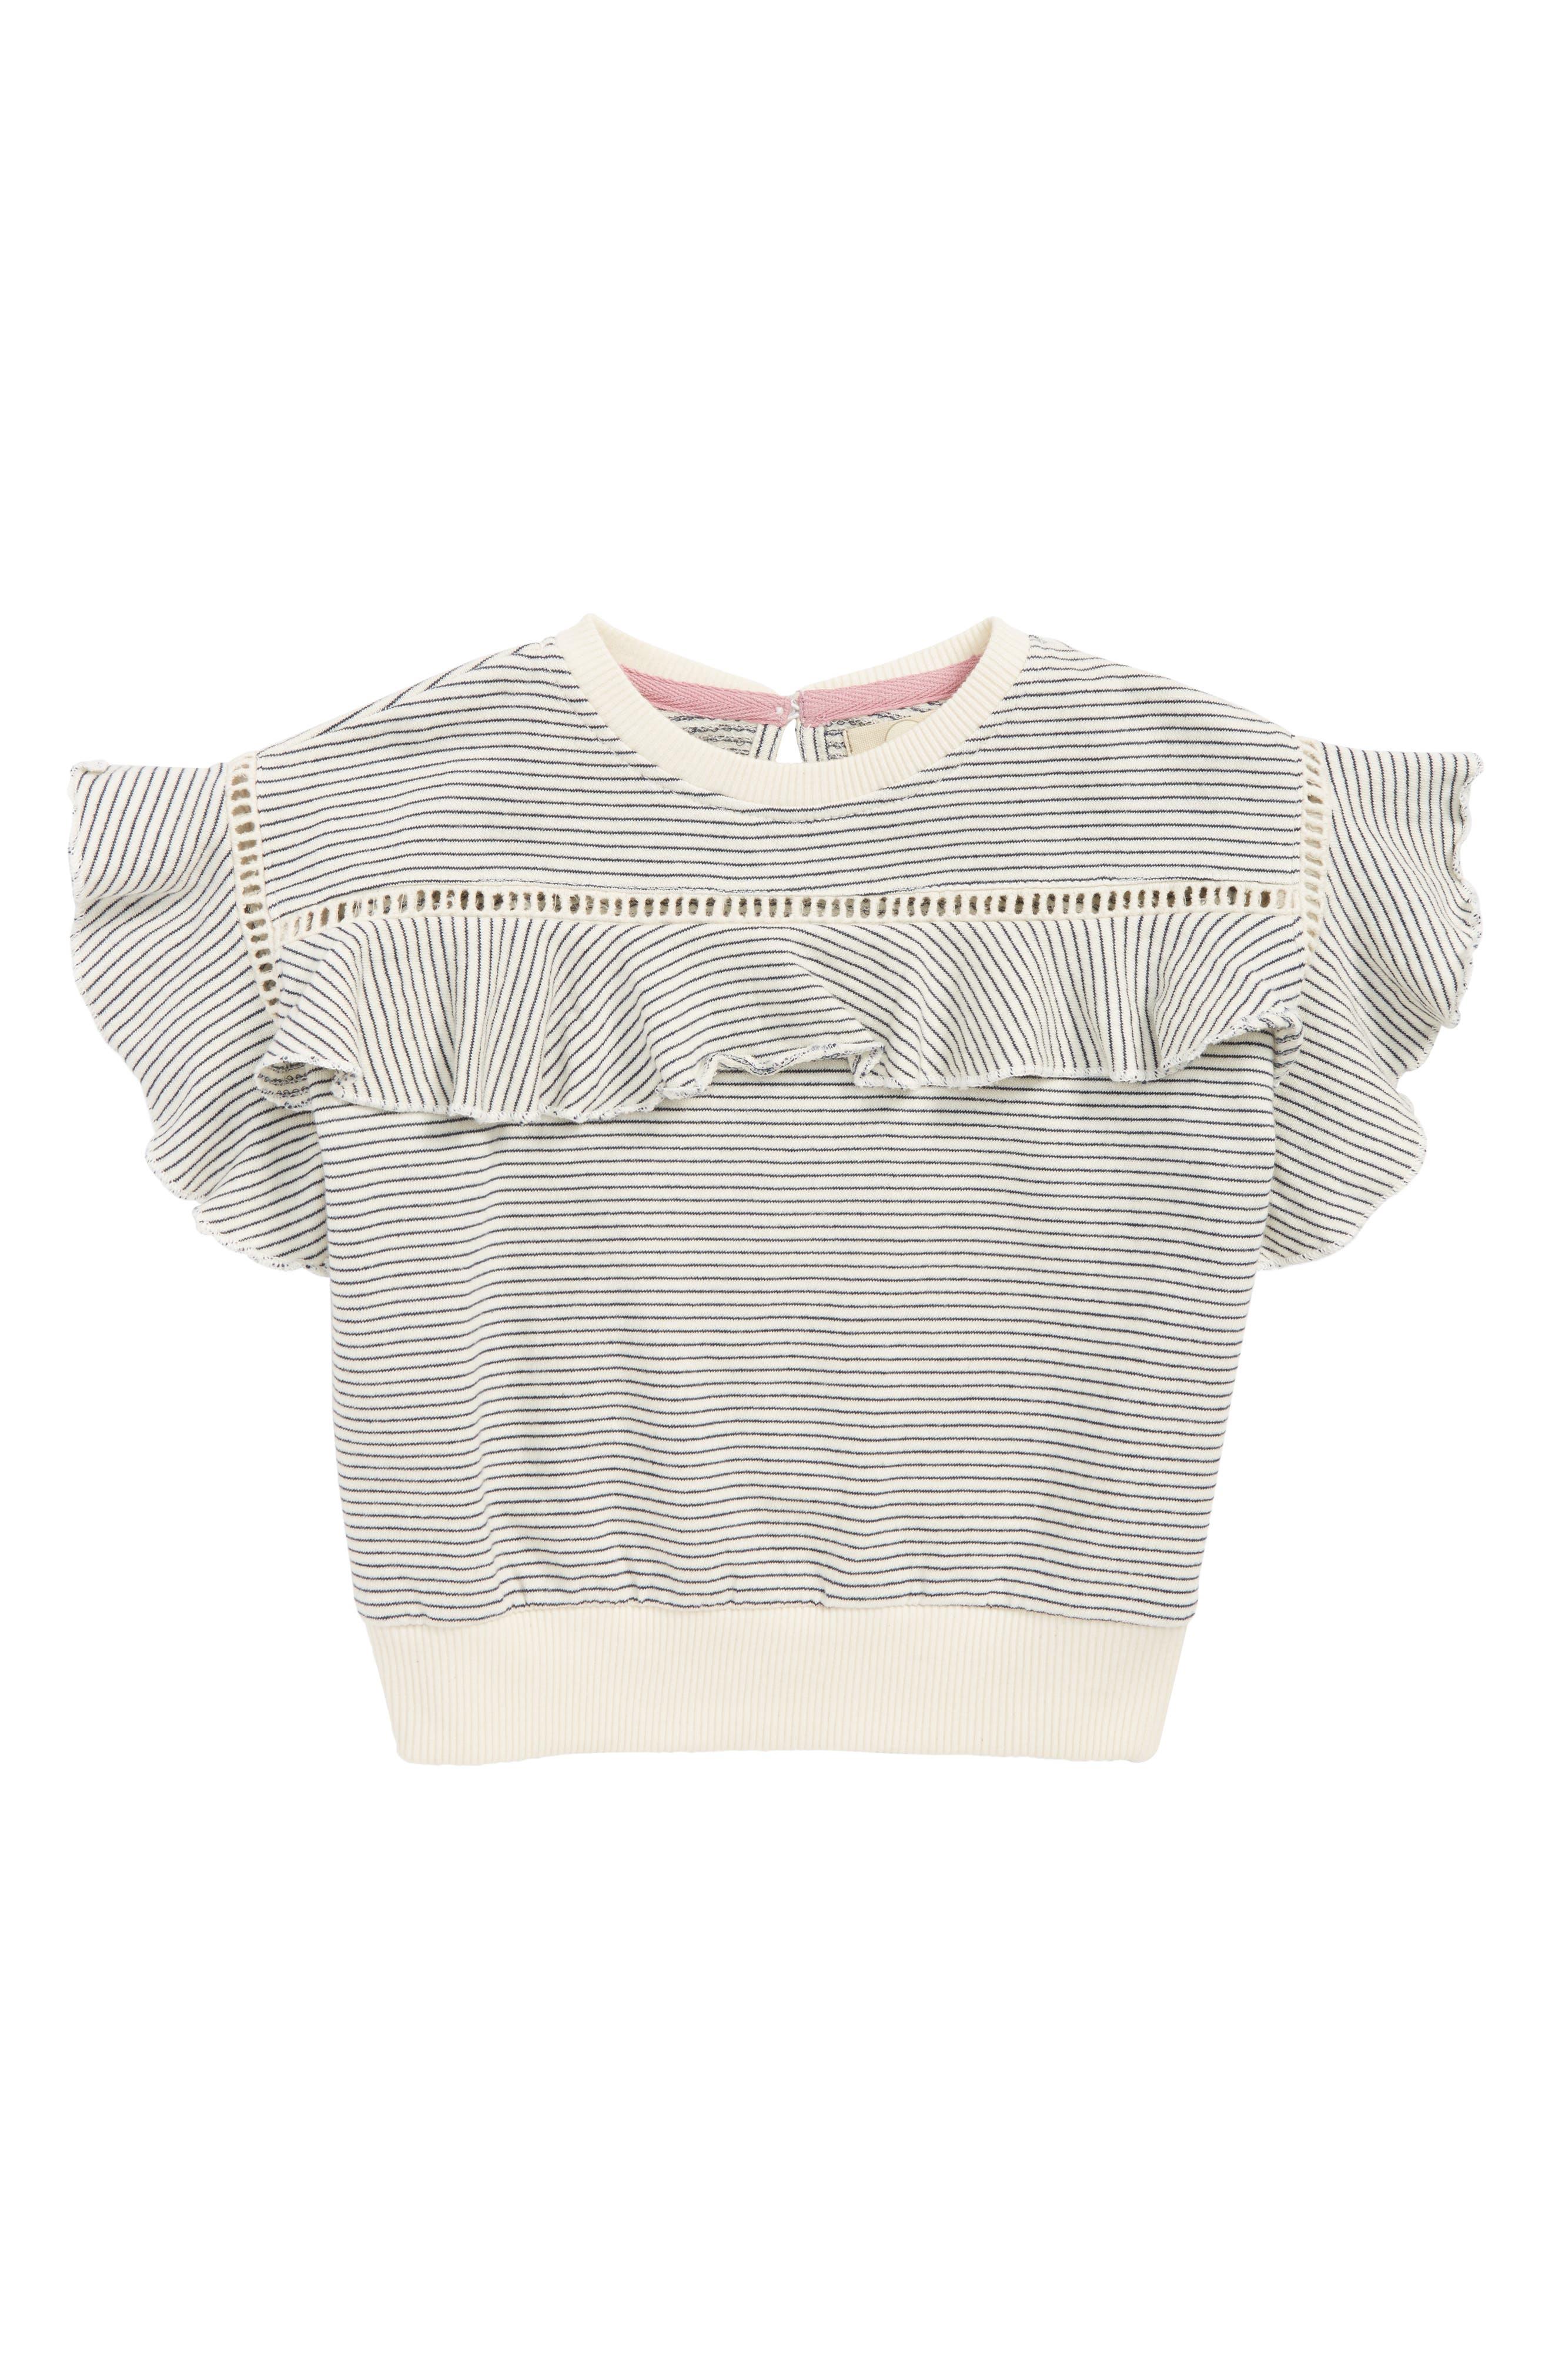 Amelia Ruffle Sweatshirt,                             Main thumbnail 1, color,                             900